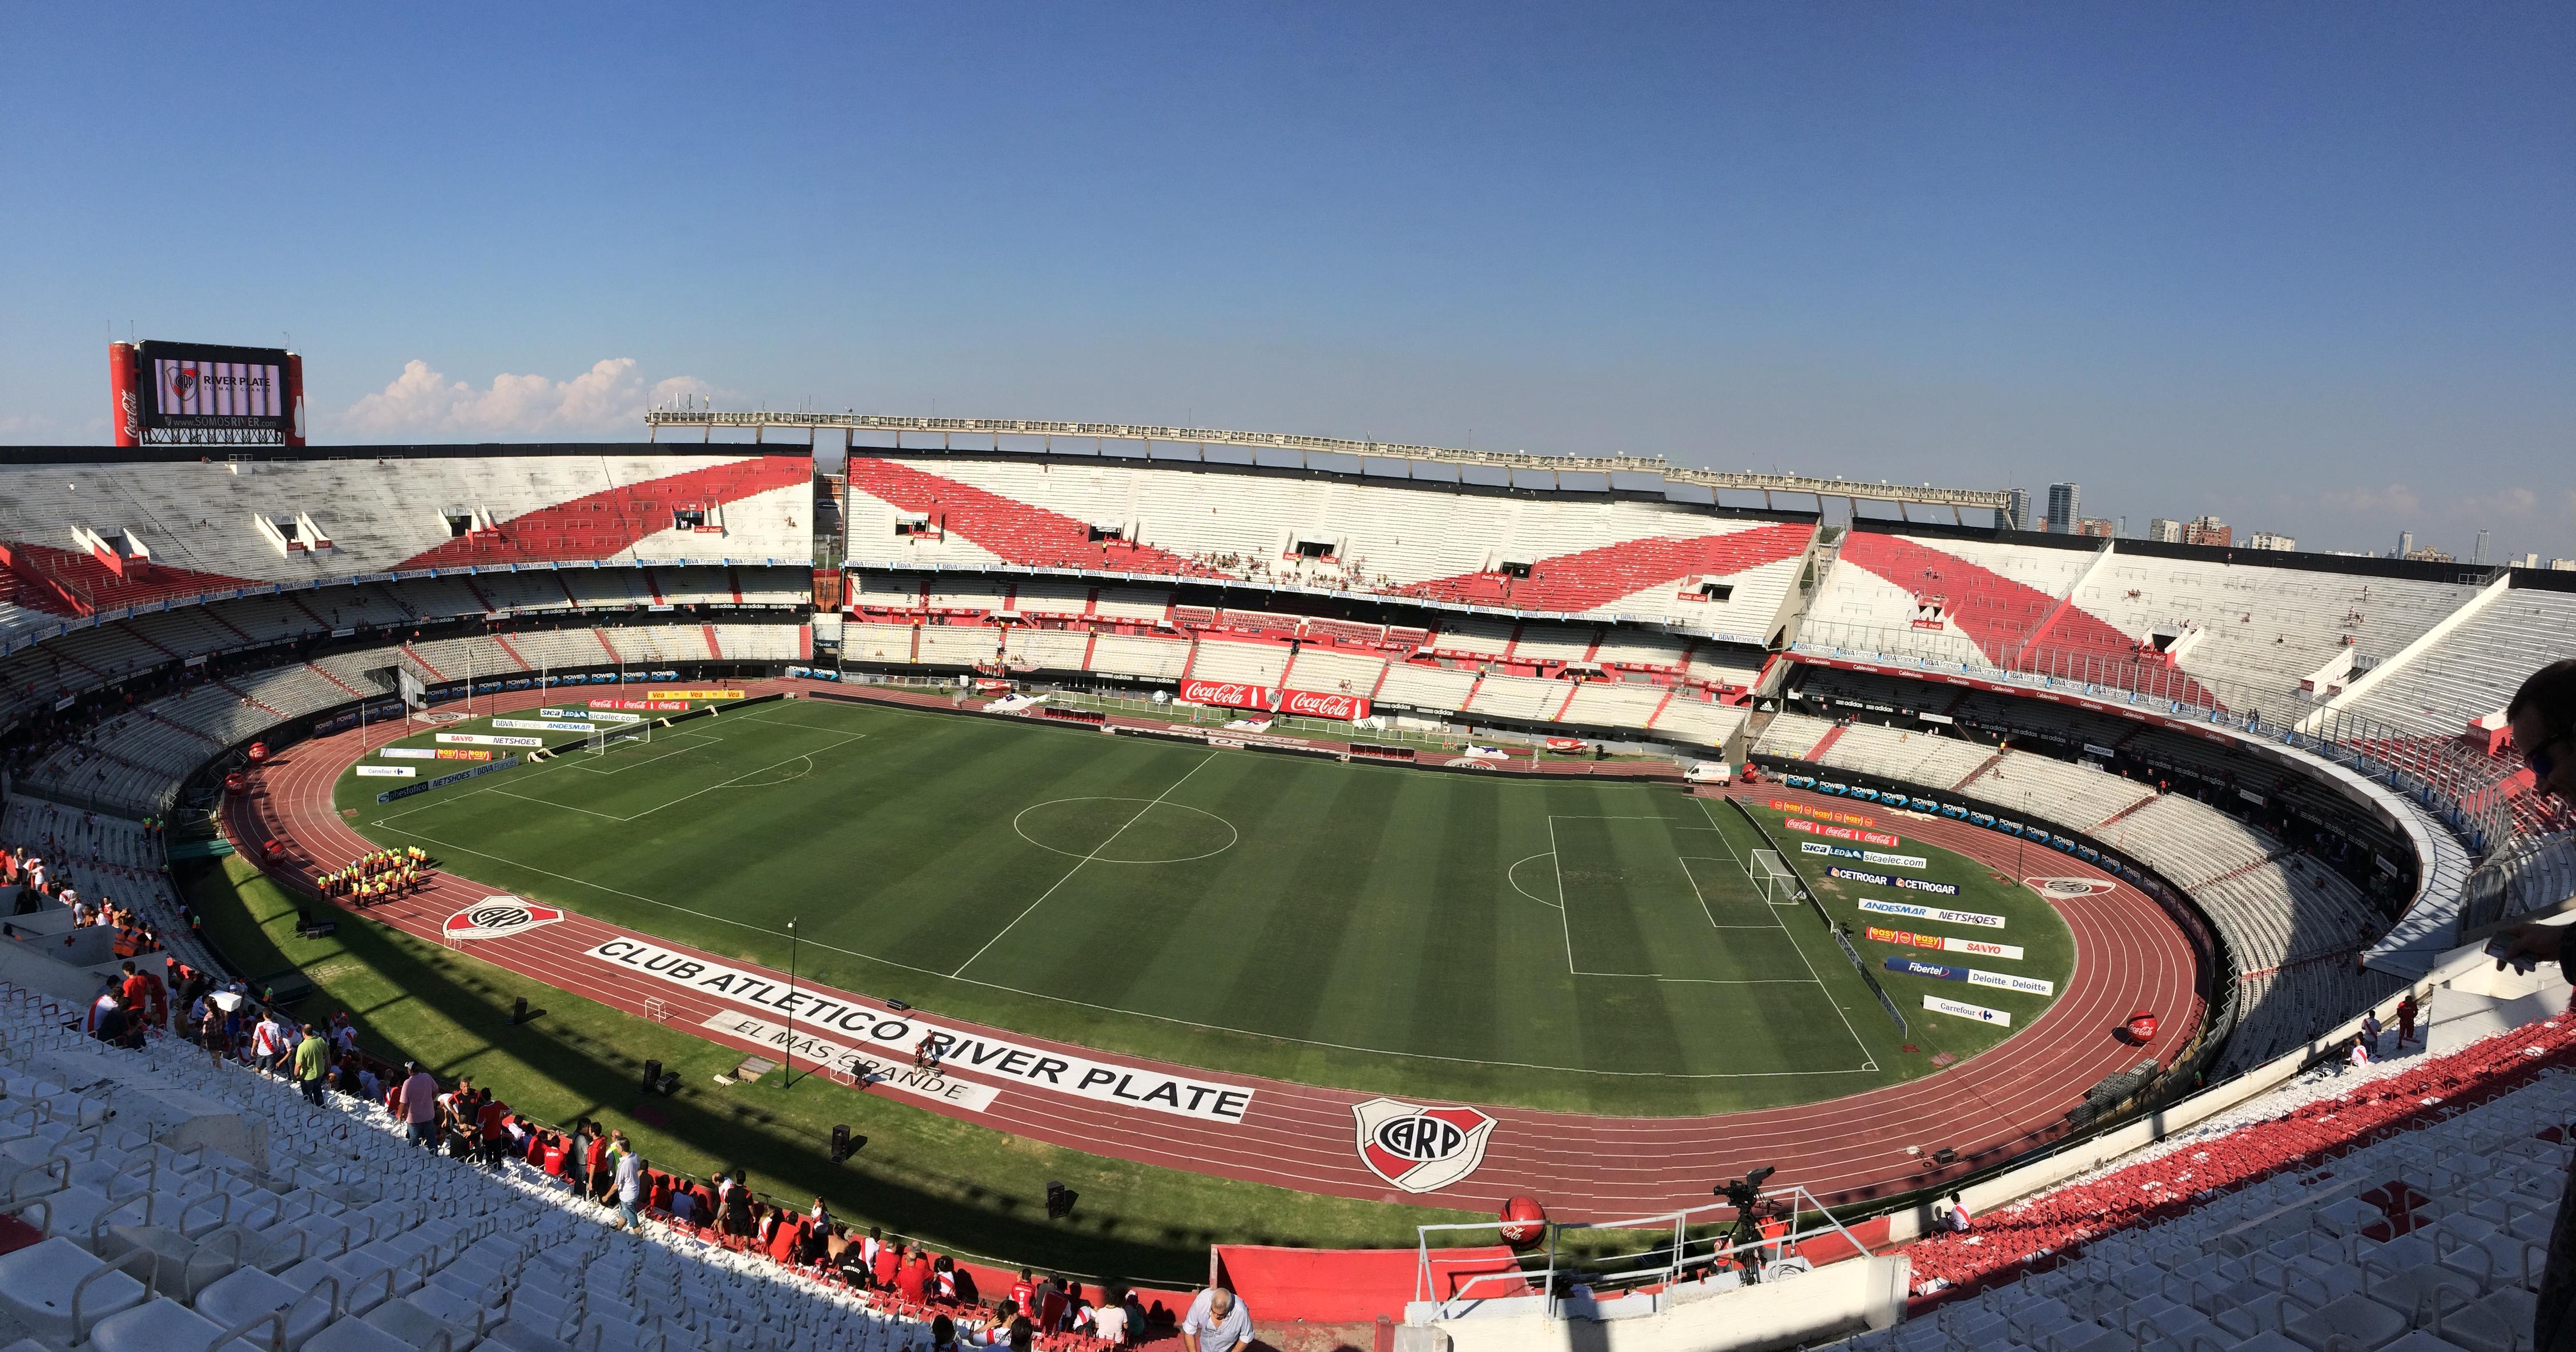 Estadio Monumental Antonio Vespucio Liberti | Photo by Wilson Carletti (All Rights Reserved)